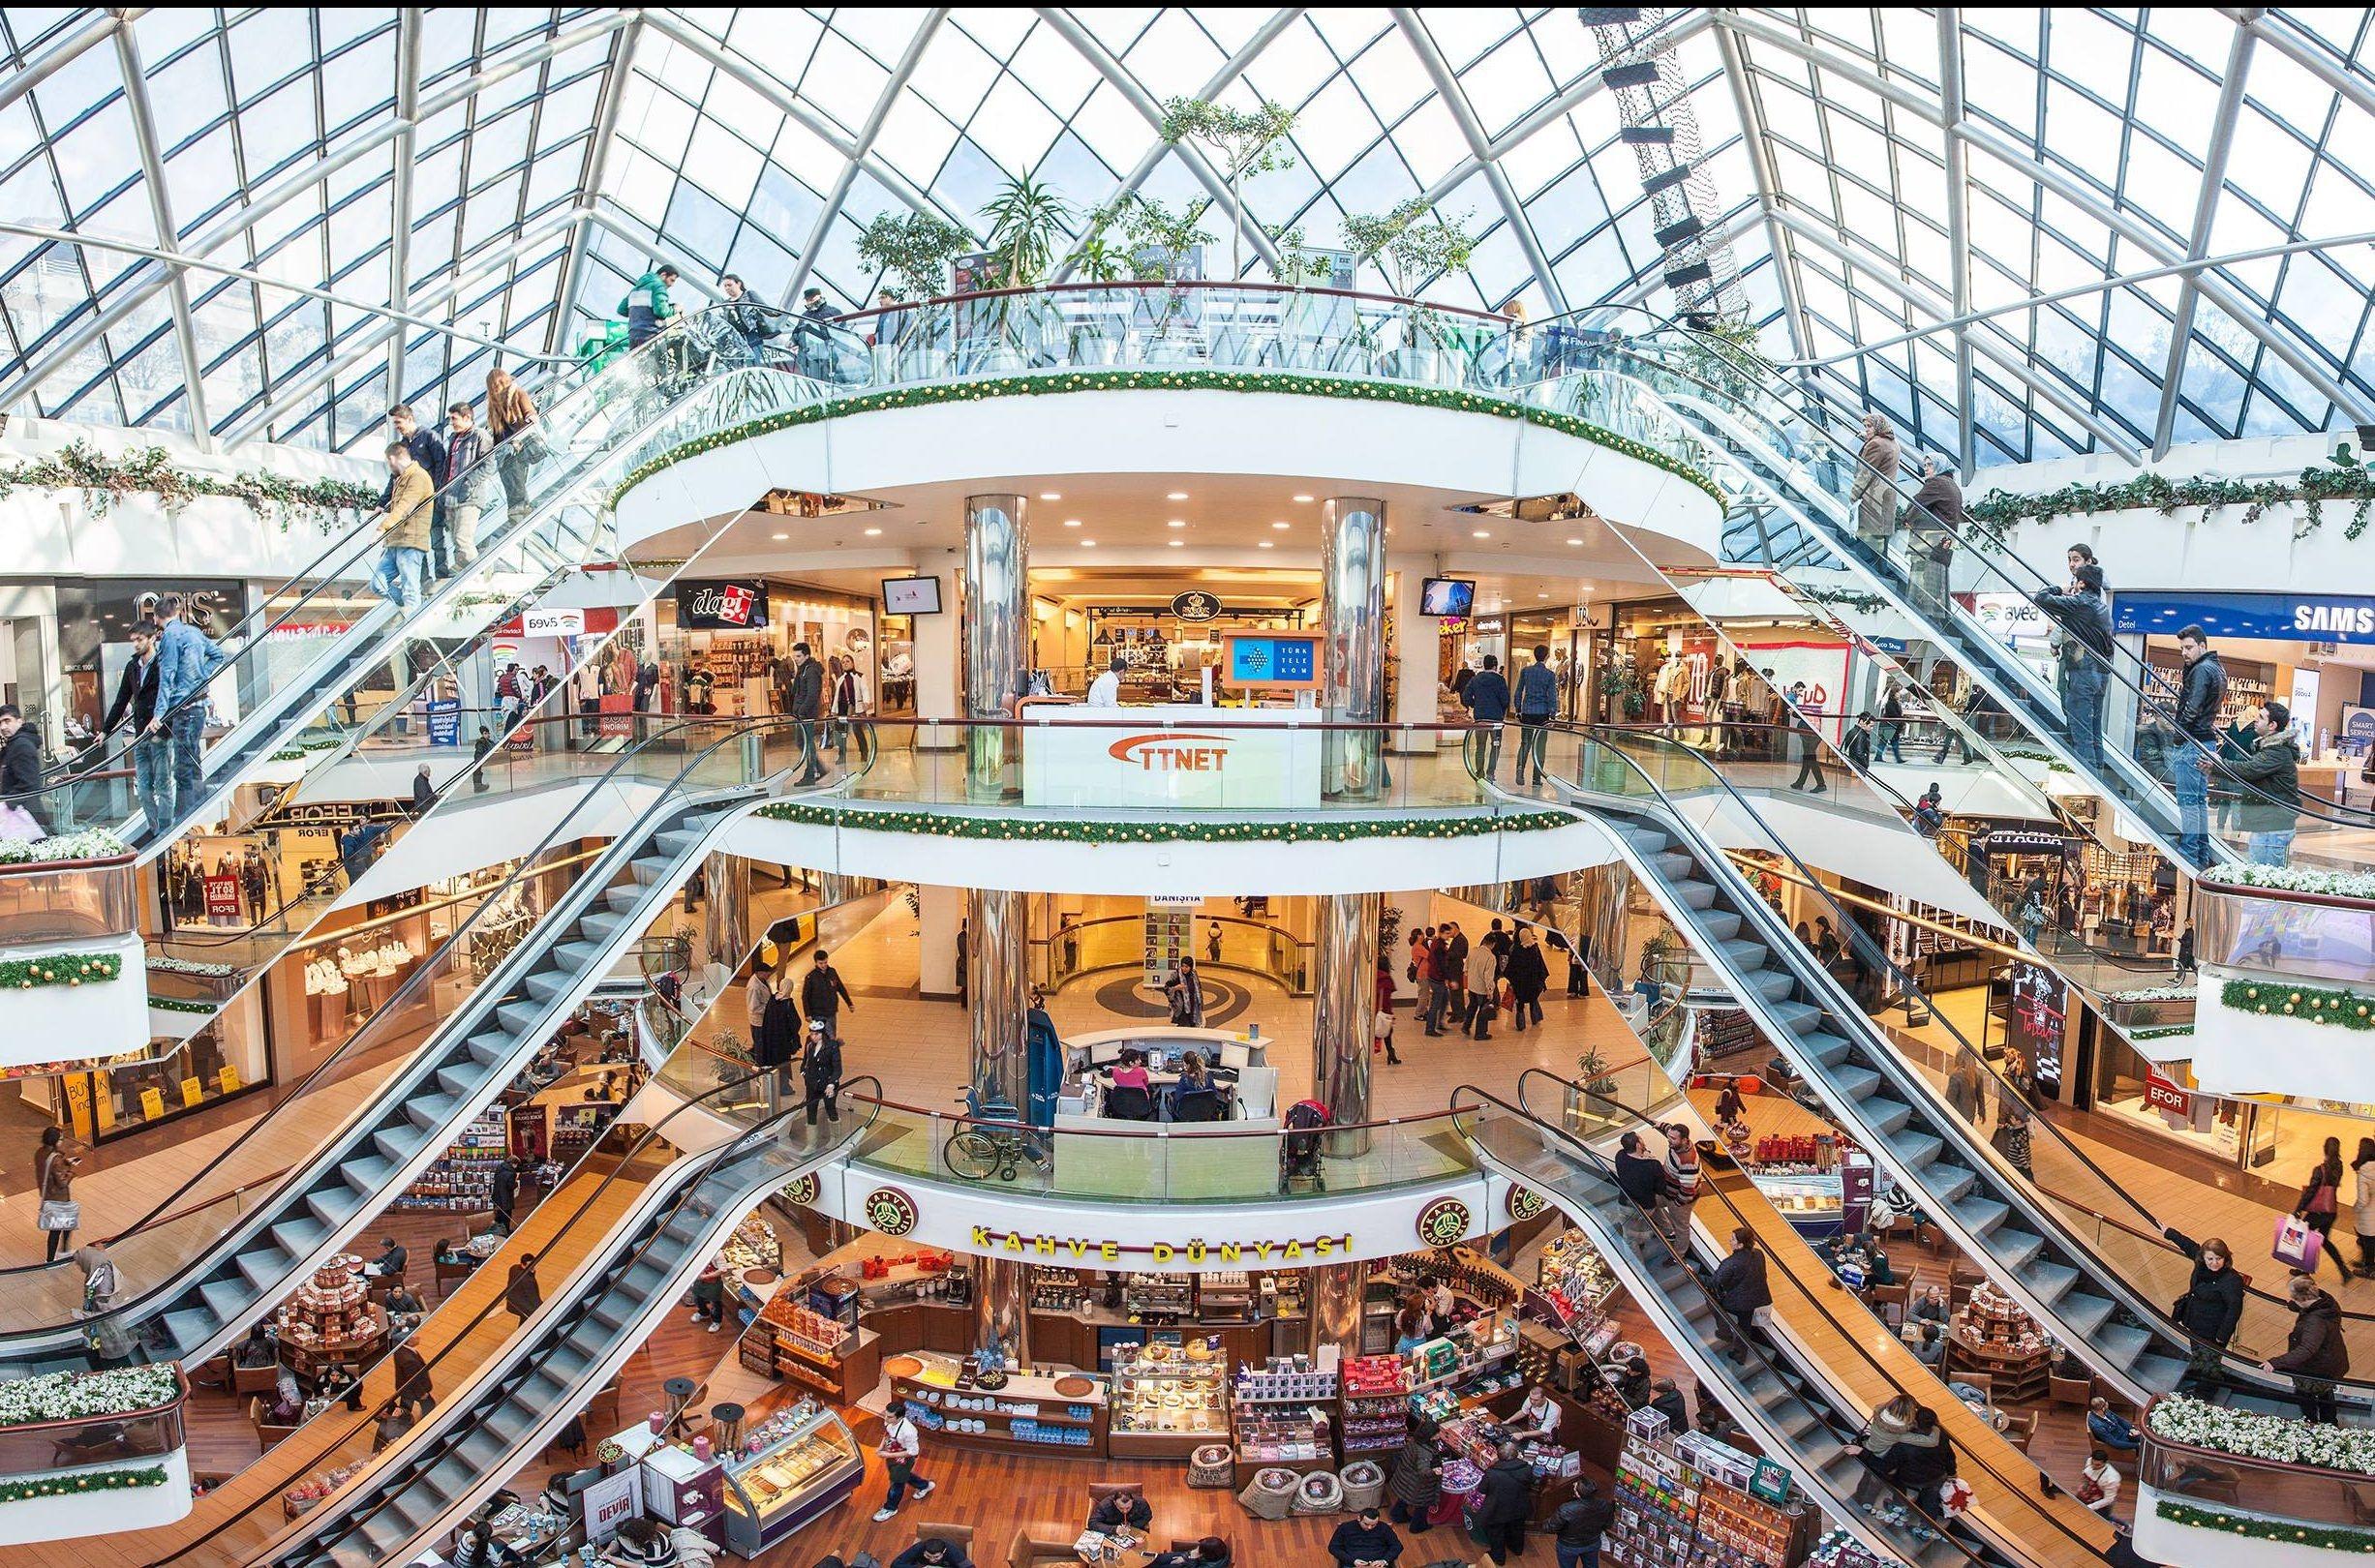 تركيا بورصه اهم اماكن التسوق والمطاعم ظافر بلازا